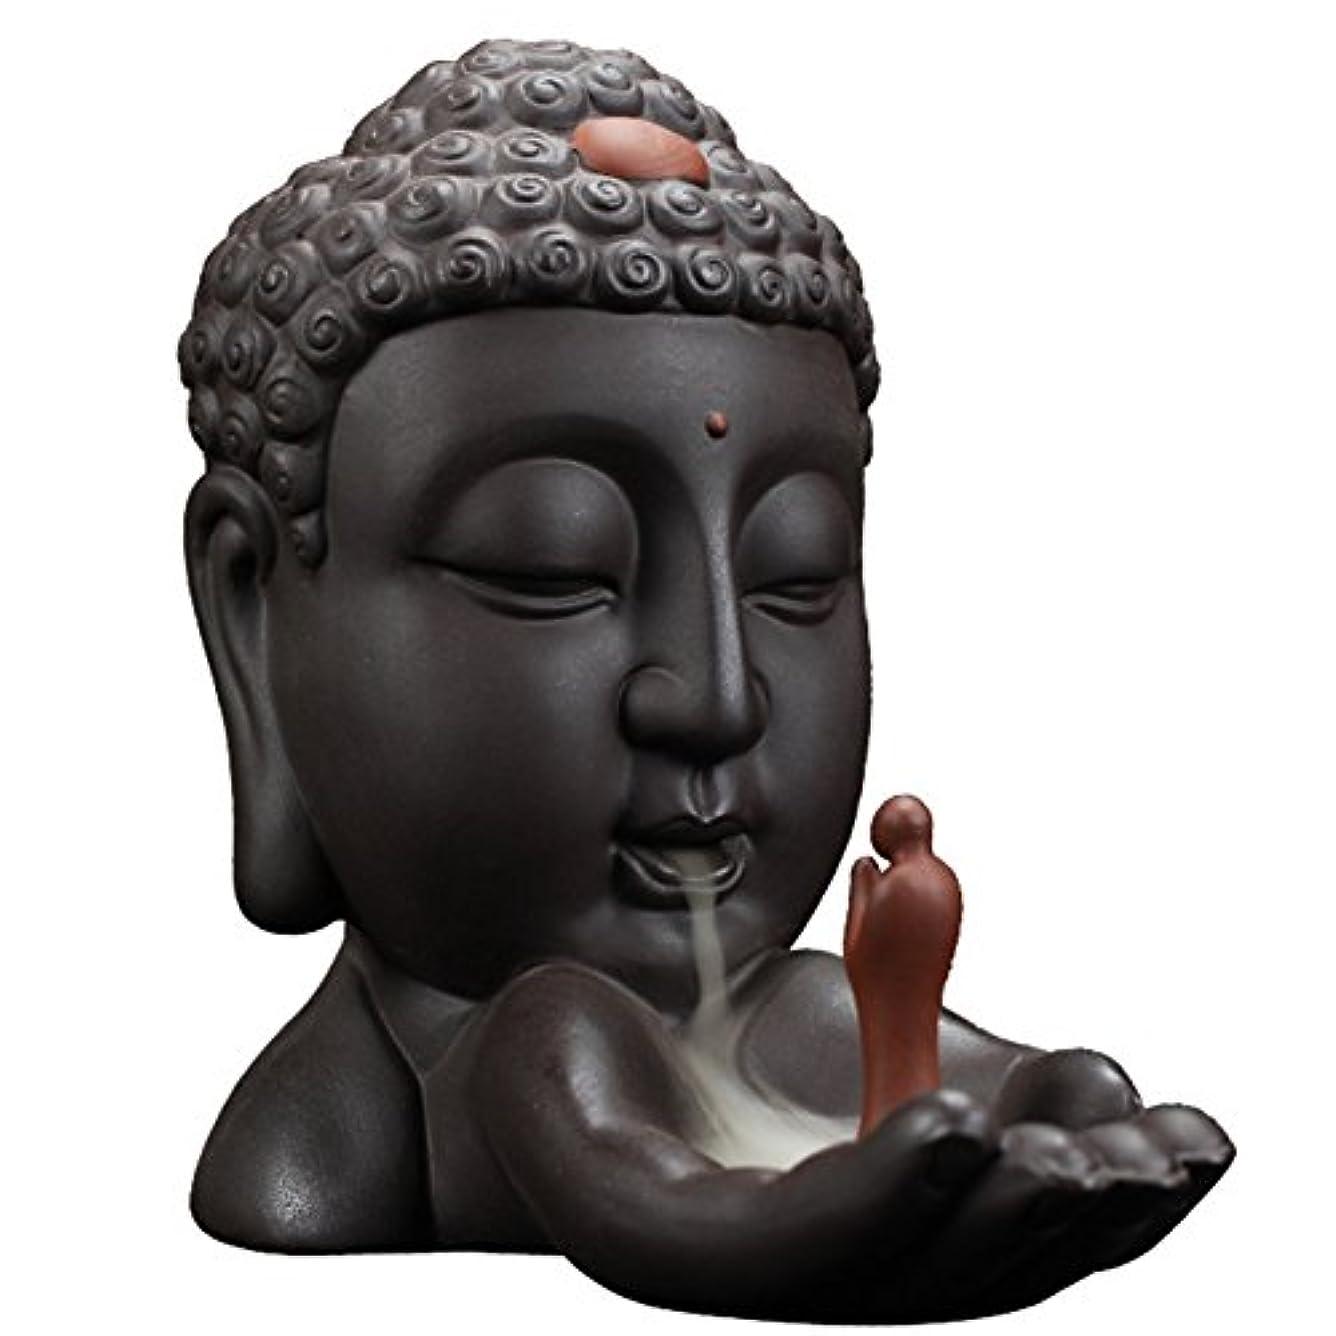 みがきます健康的ジョージバーナードBackflow Incense Burnerクリエイティブホーム装飾セラミックBuddha Incense Holder Buddhist Censerギフト